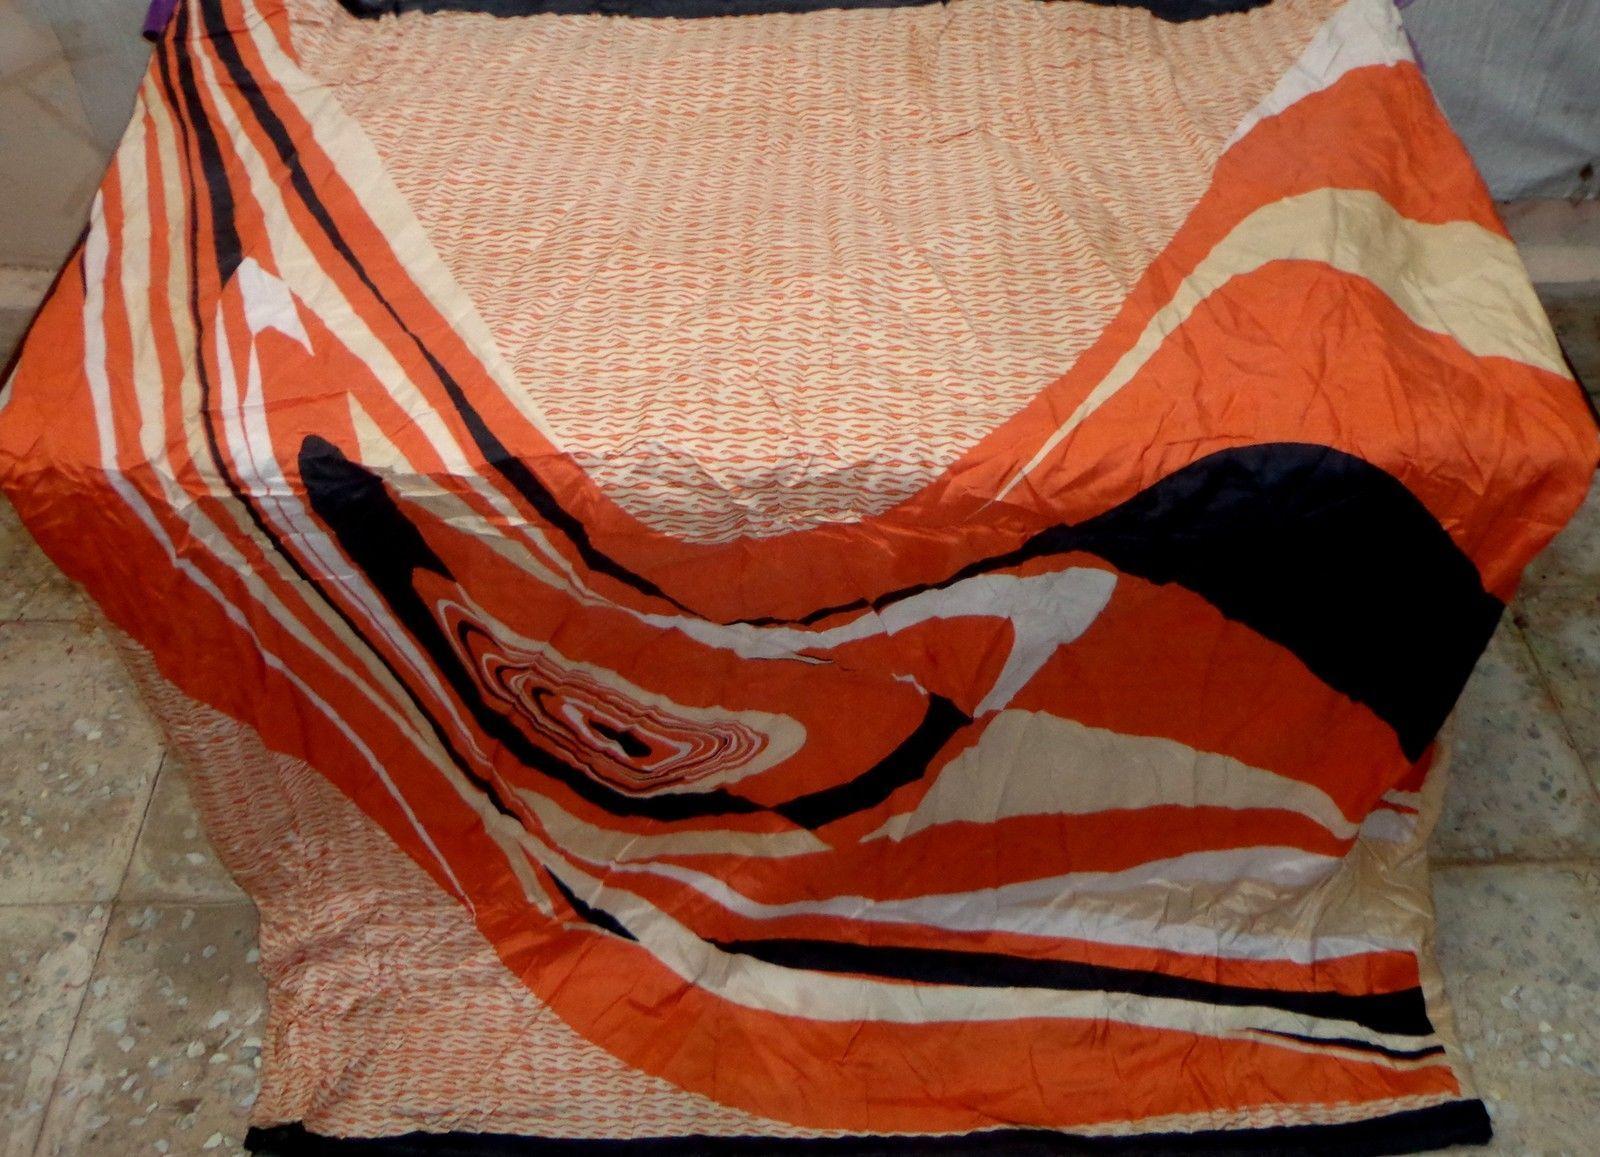 http://www.ebay.com/itm/Pure-silk-Antique-Vintage-Sari-Saree-Fabric ...